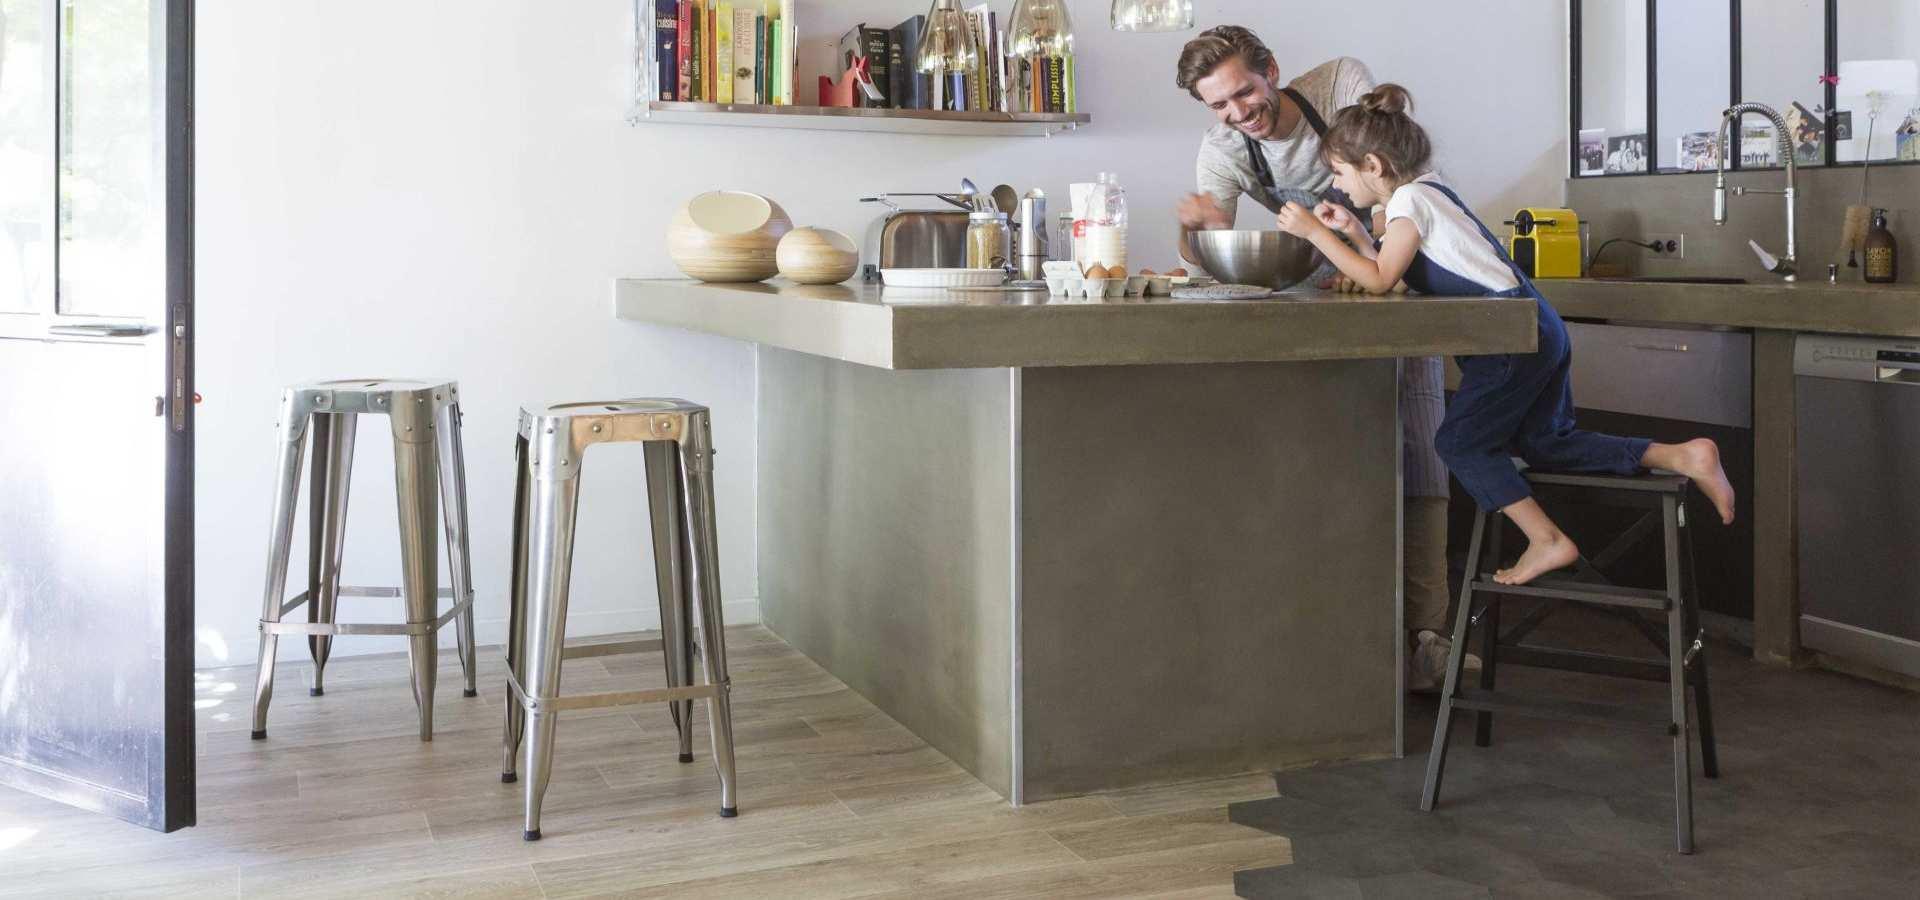 Bild Küche CV Belag Holz und Fliese kombiniert